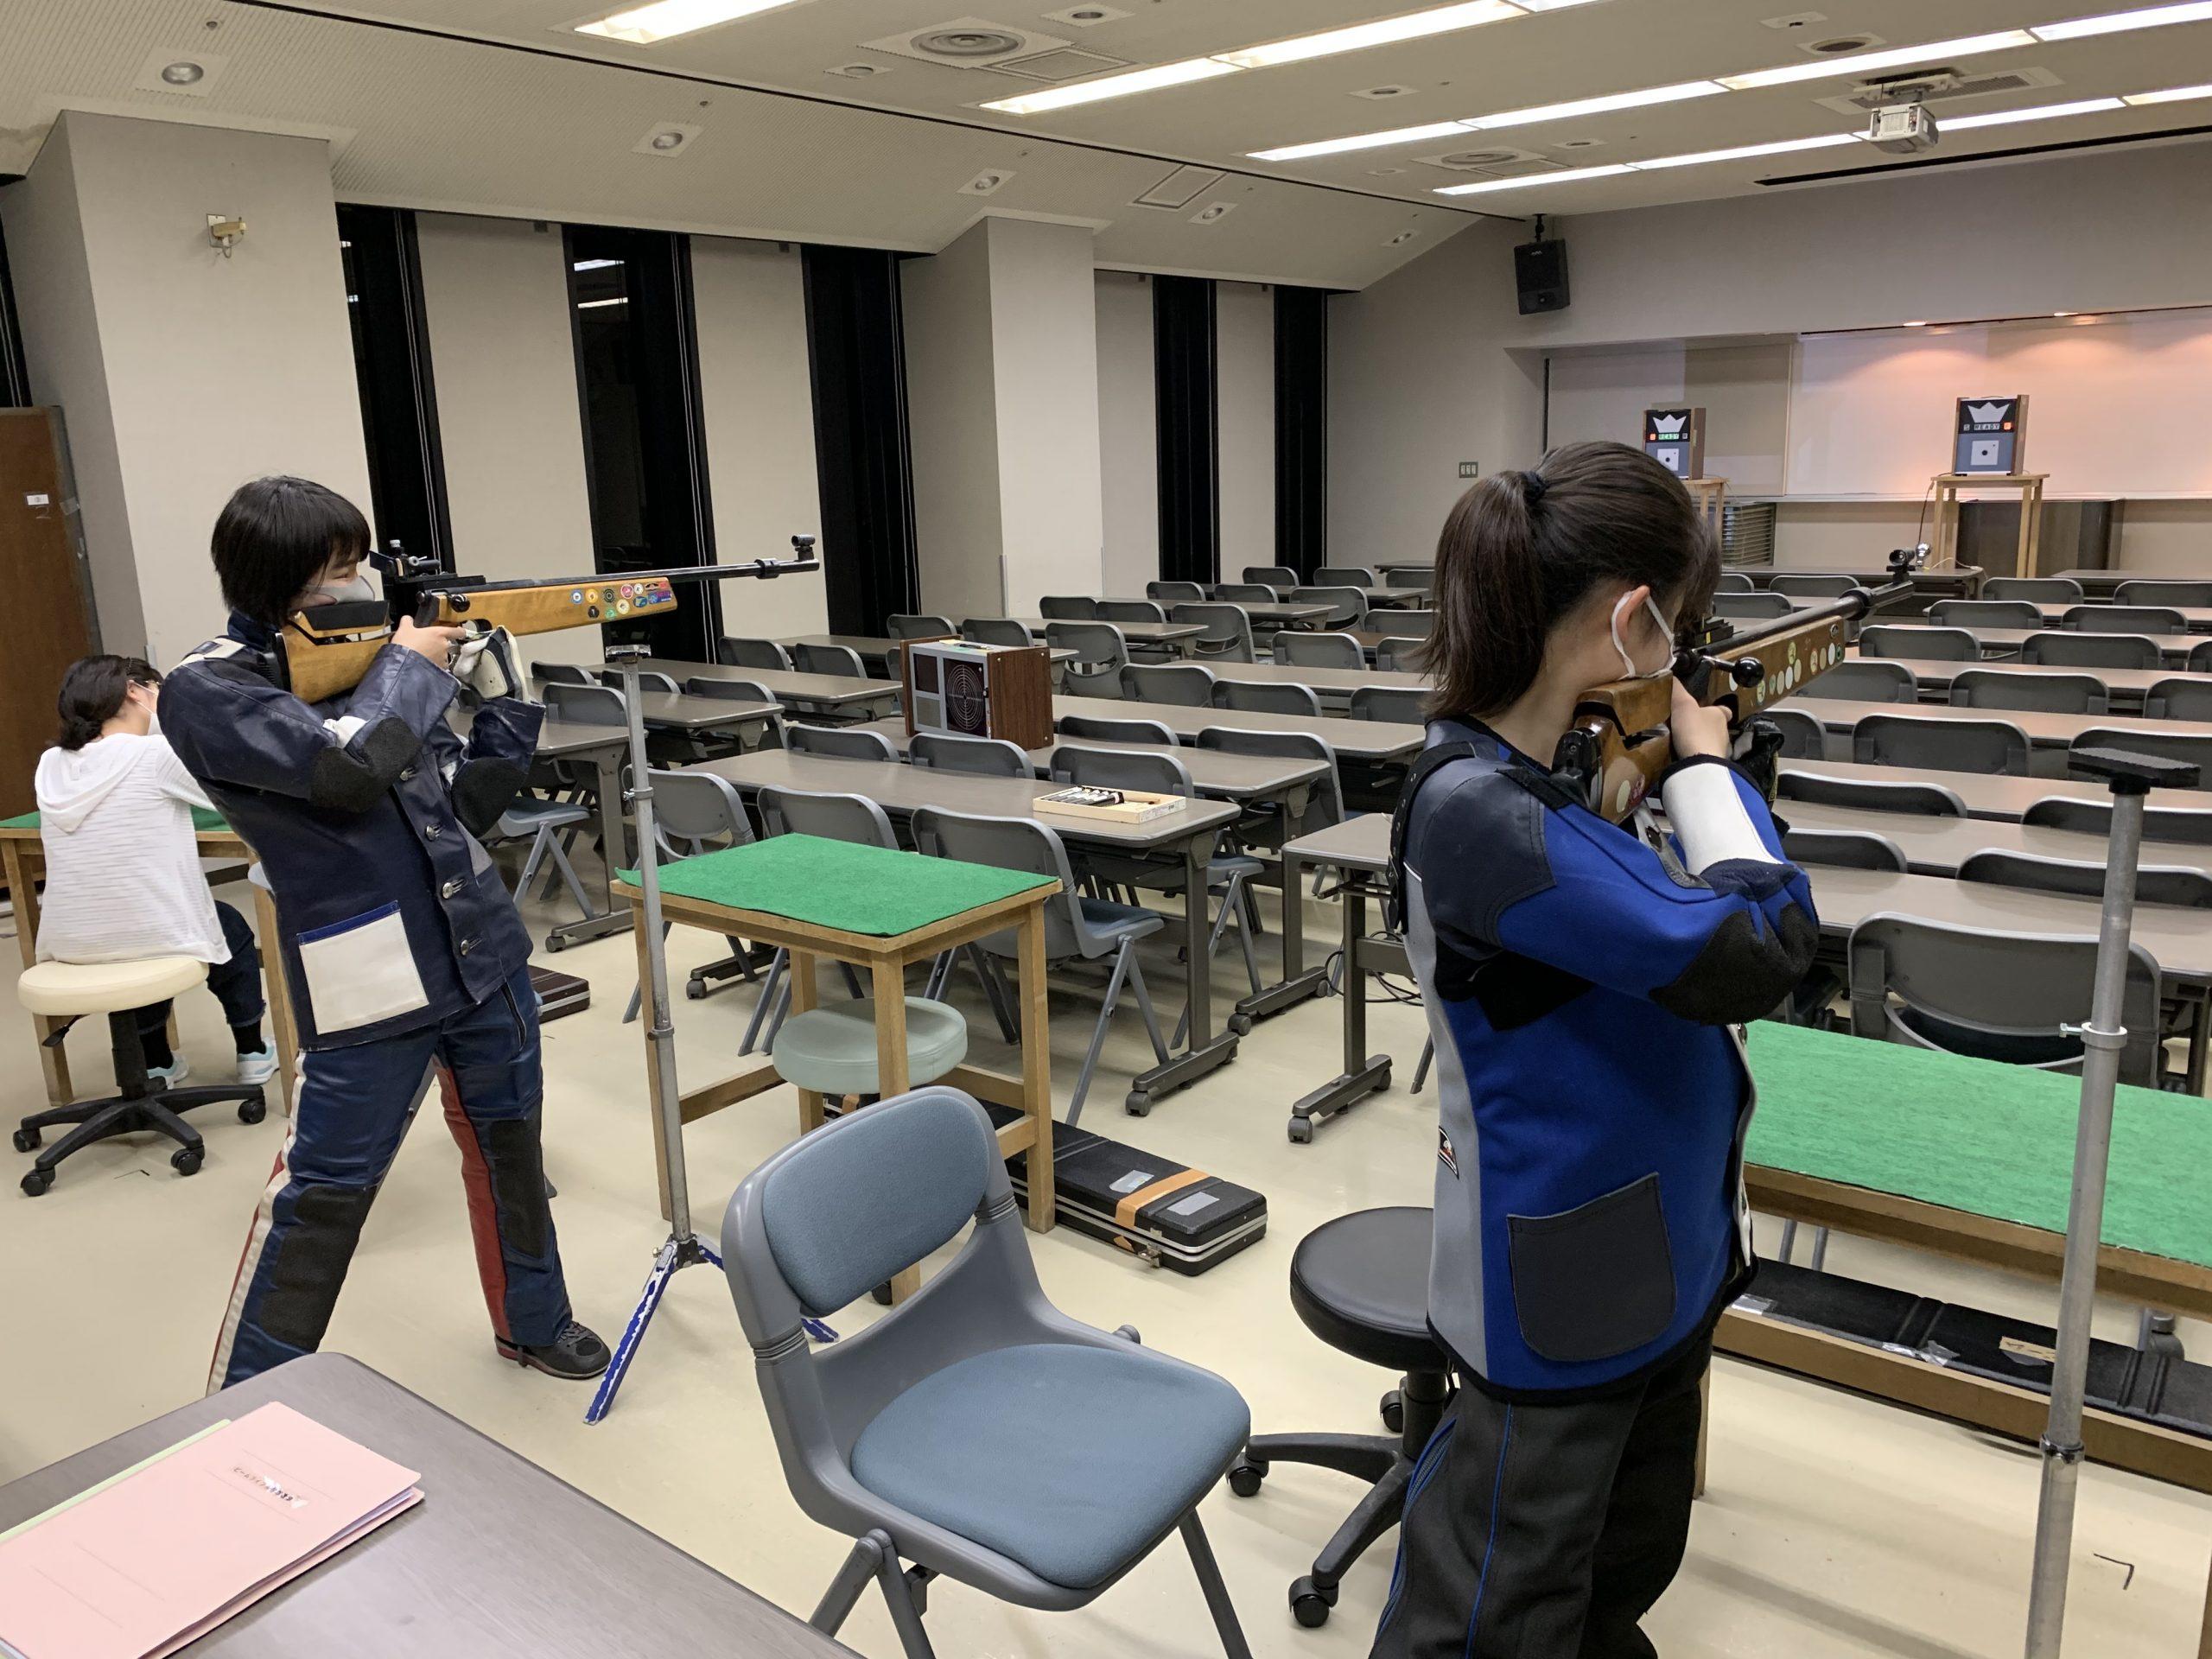 ビームライフル射撃教室前期記録会の結果です!